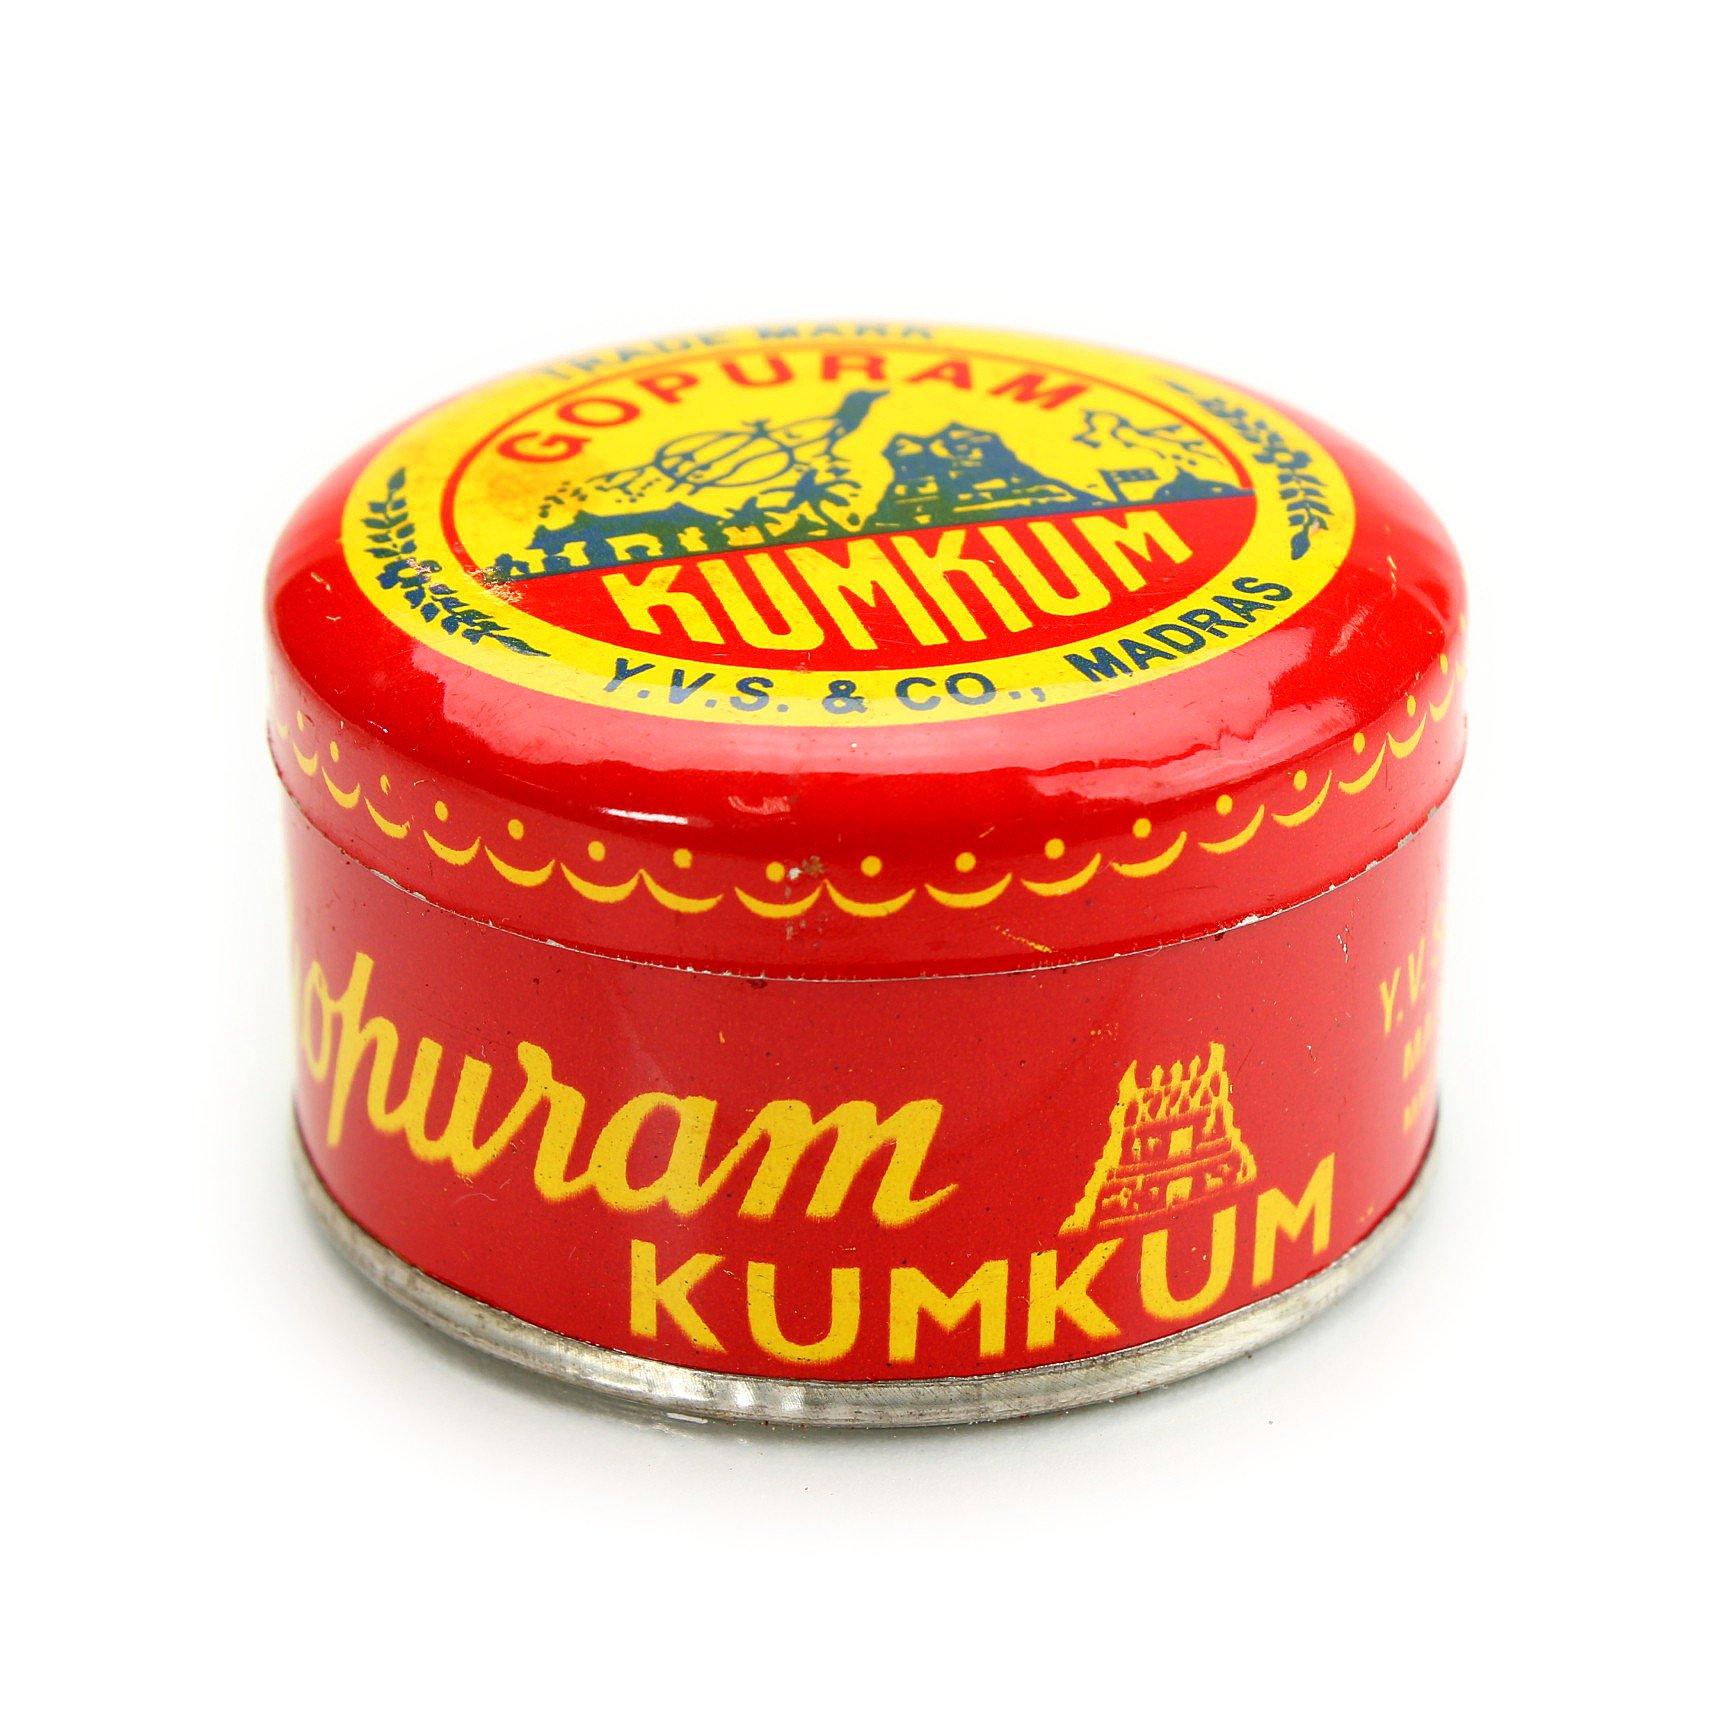 ゴープラム・クムクム(15グラム)